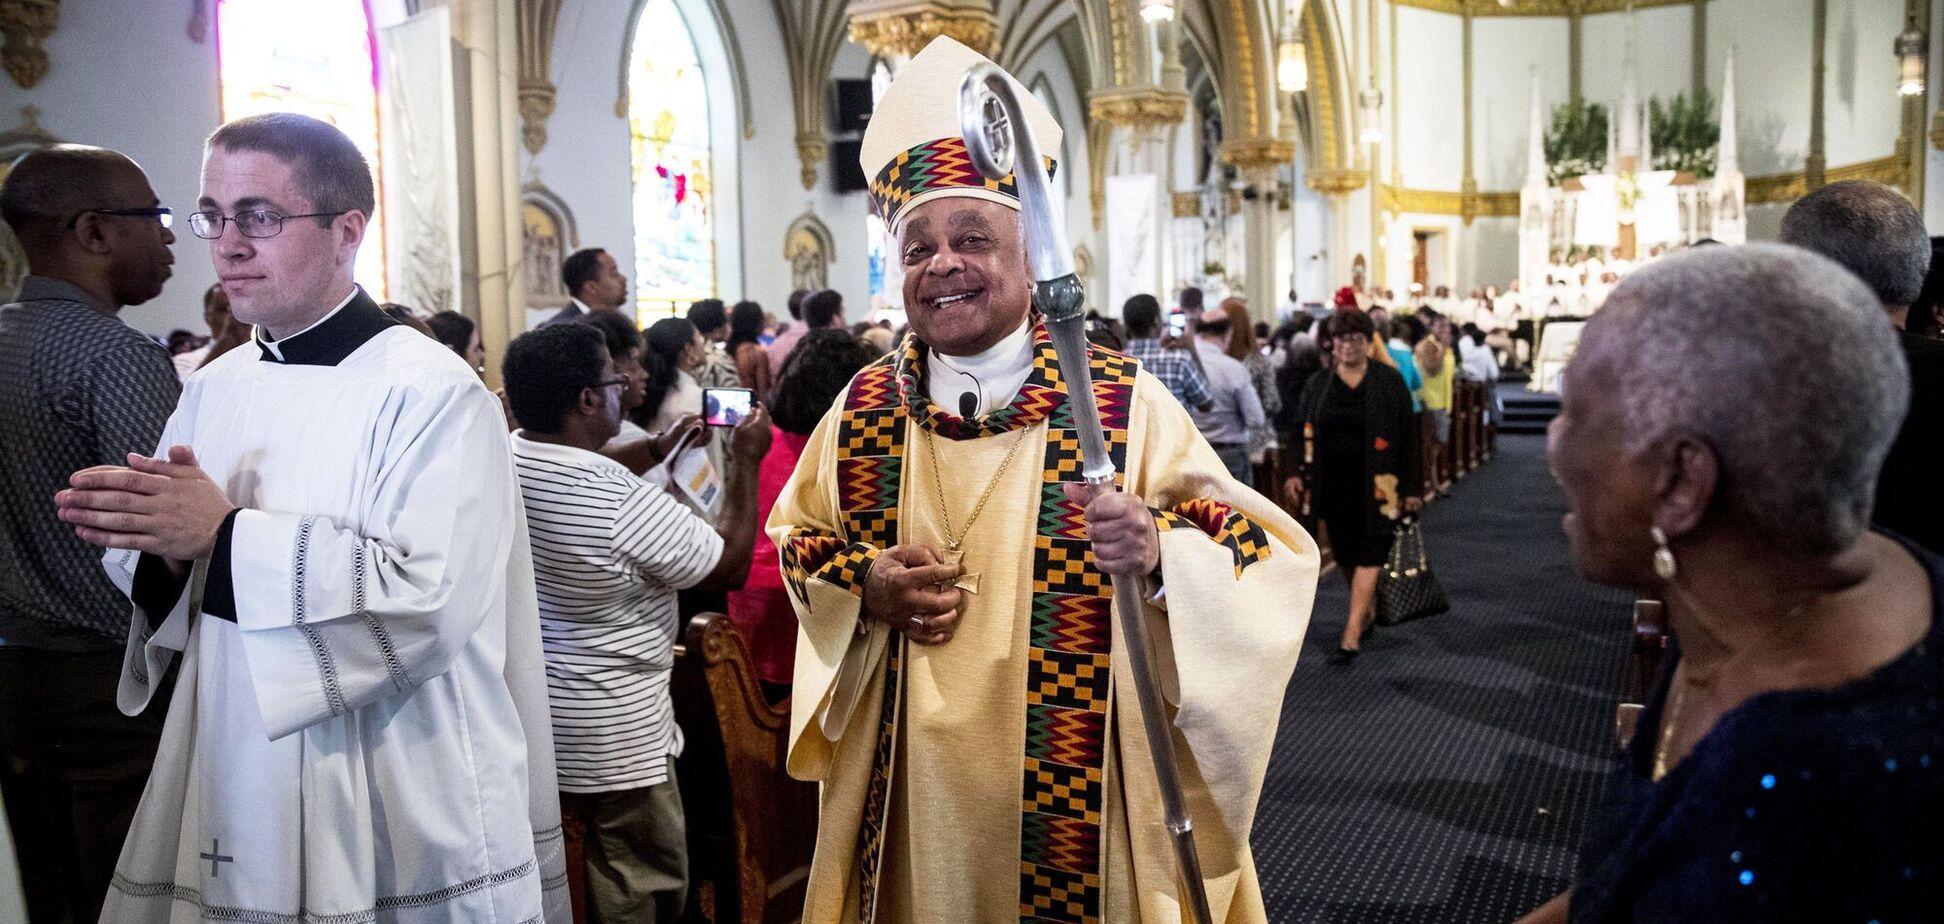 Кардиналом в США впервые стал афроамериканец